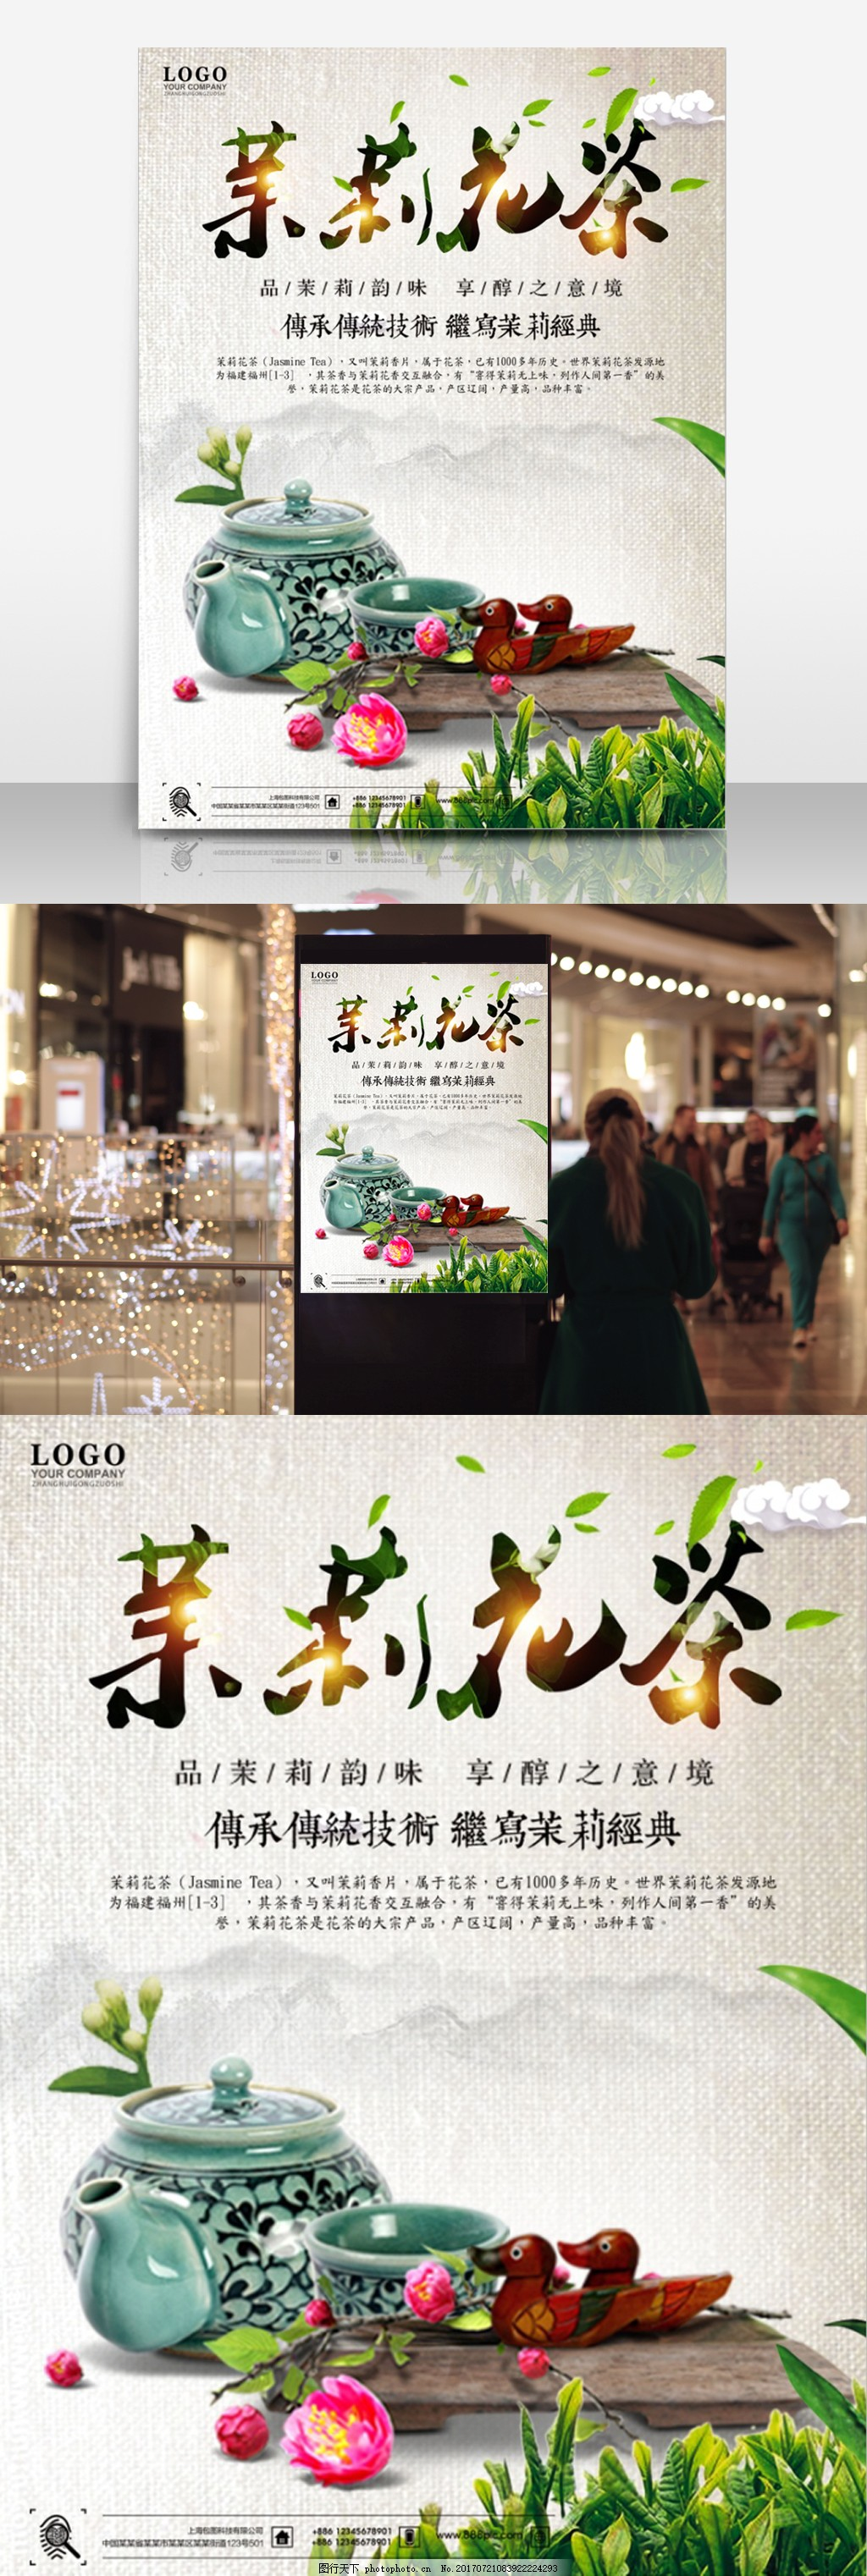 茉莉花茶宣传海报 海报 茶叶 中国风 复古 祥云 展架 促销 dm psd源